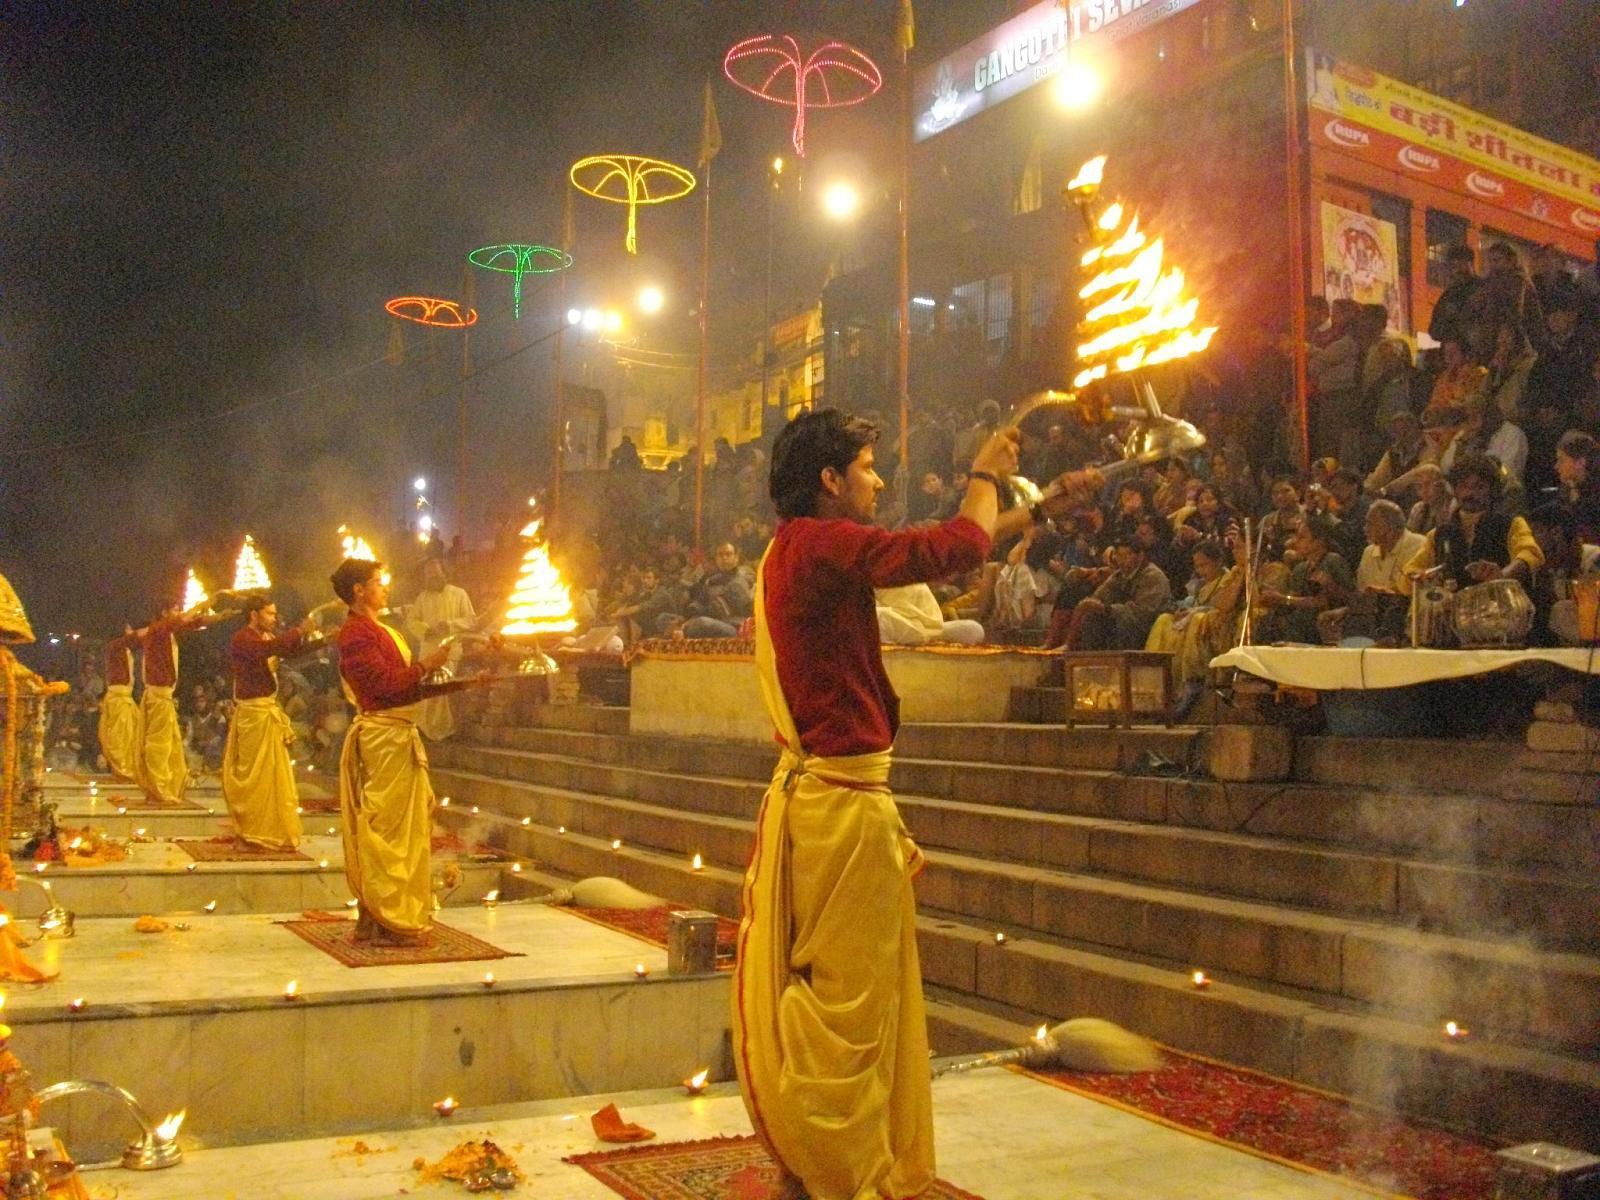 http://3.bp.blogspot.com/-EIzVtpjcgO0/UJuiQAVDRsI/AAAAAAAAB9U/vFomrxh02Rc/s1600/Varanasi+Ganga+Ghat+Aarti.jpg